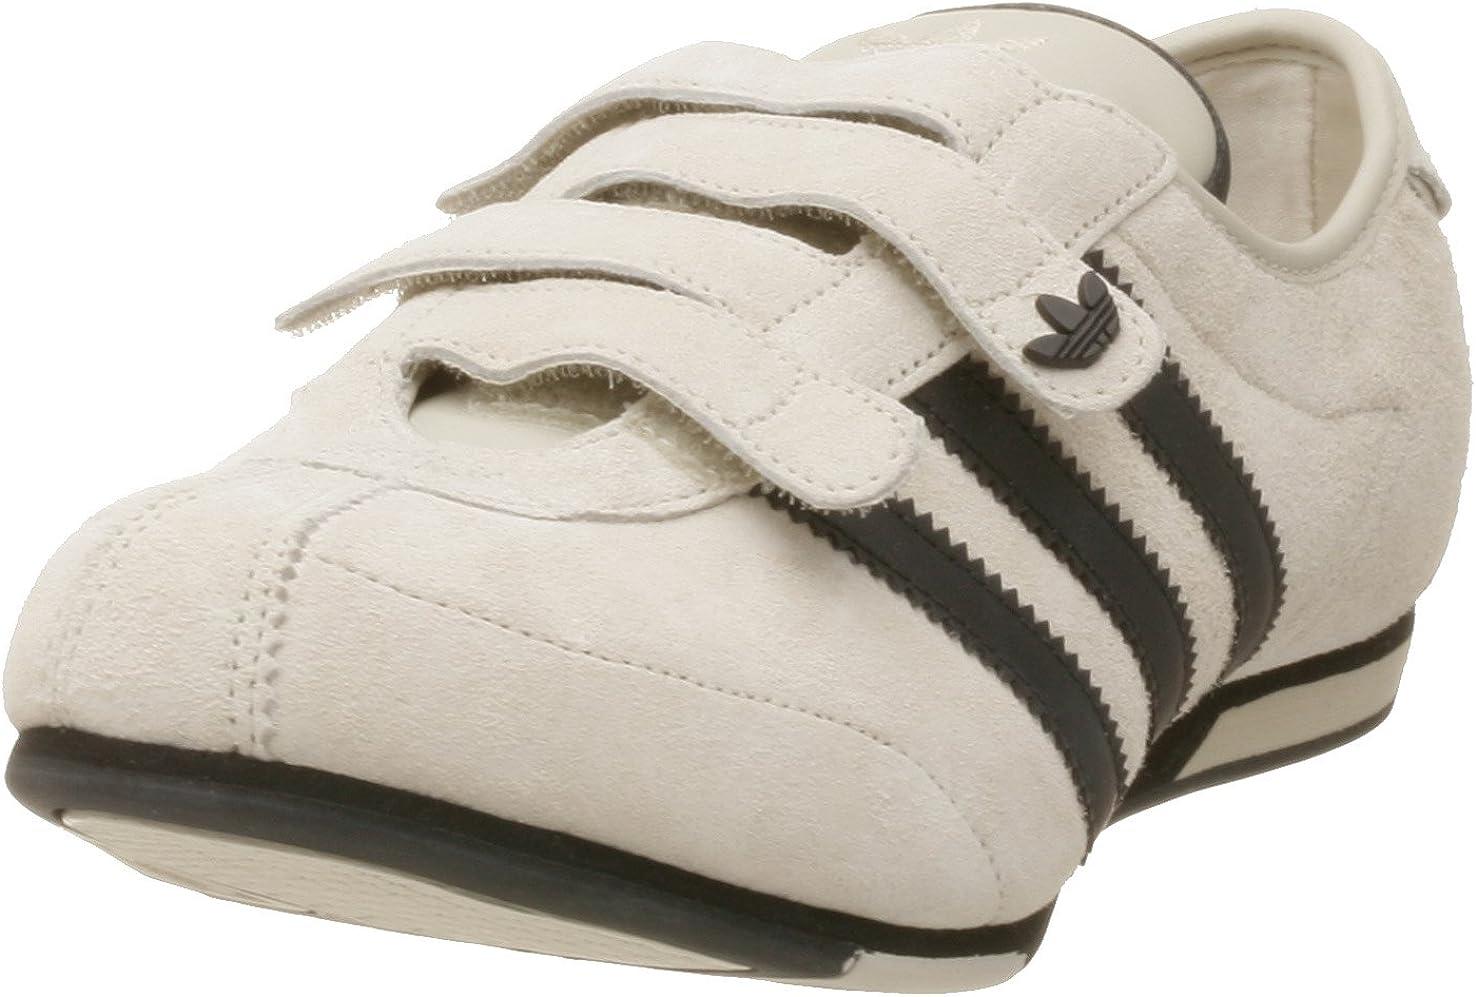 Escribir Dislocación café  adidas Women's Okapi 2 Velcro Leather Running Shoe, Dark Bone/Black, 8.5 M:  Amazon.co.uk: Shoes & Bags